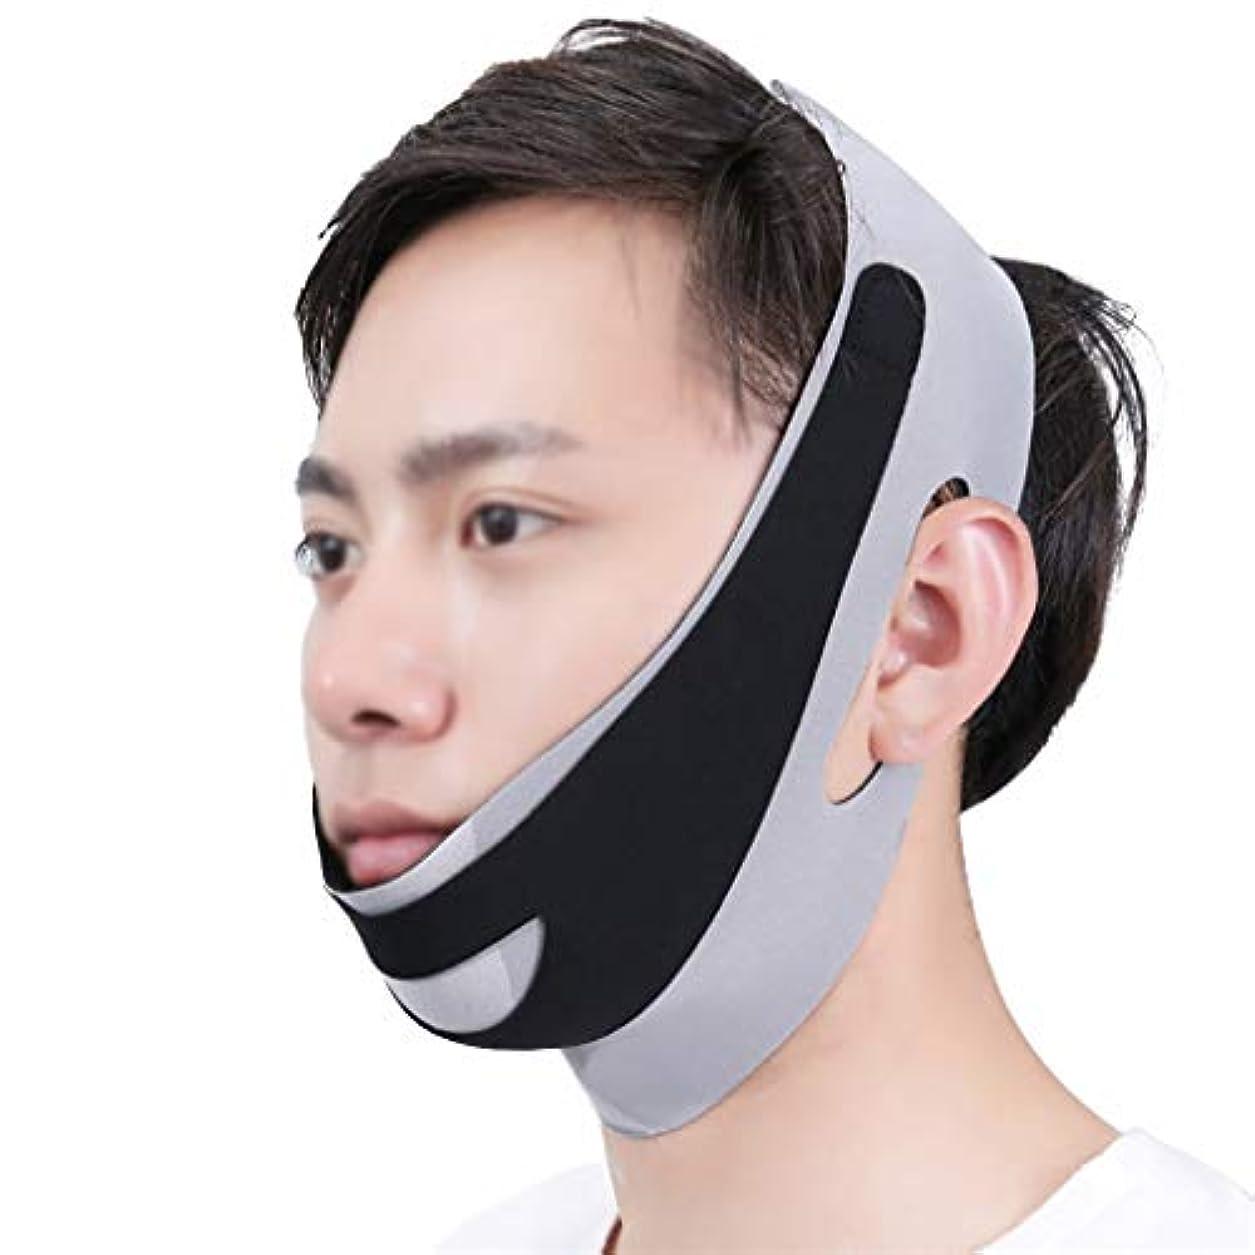 航空便シャーロットブロンテ失礼な顔と首リフト術後弾性顔マスク小さなV顔アーティファクト薄い顔包帯アーティファクトV顔吊り耳リフティング引き締め男性の顔アーティファクト